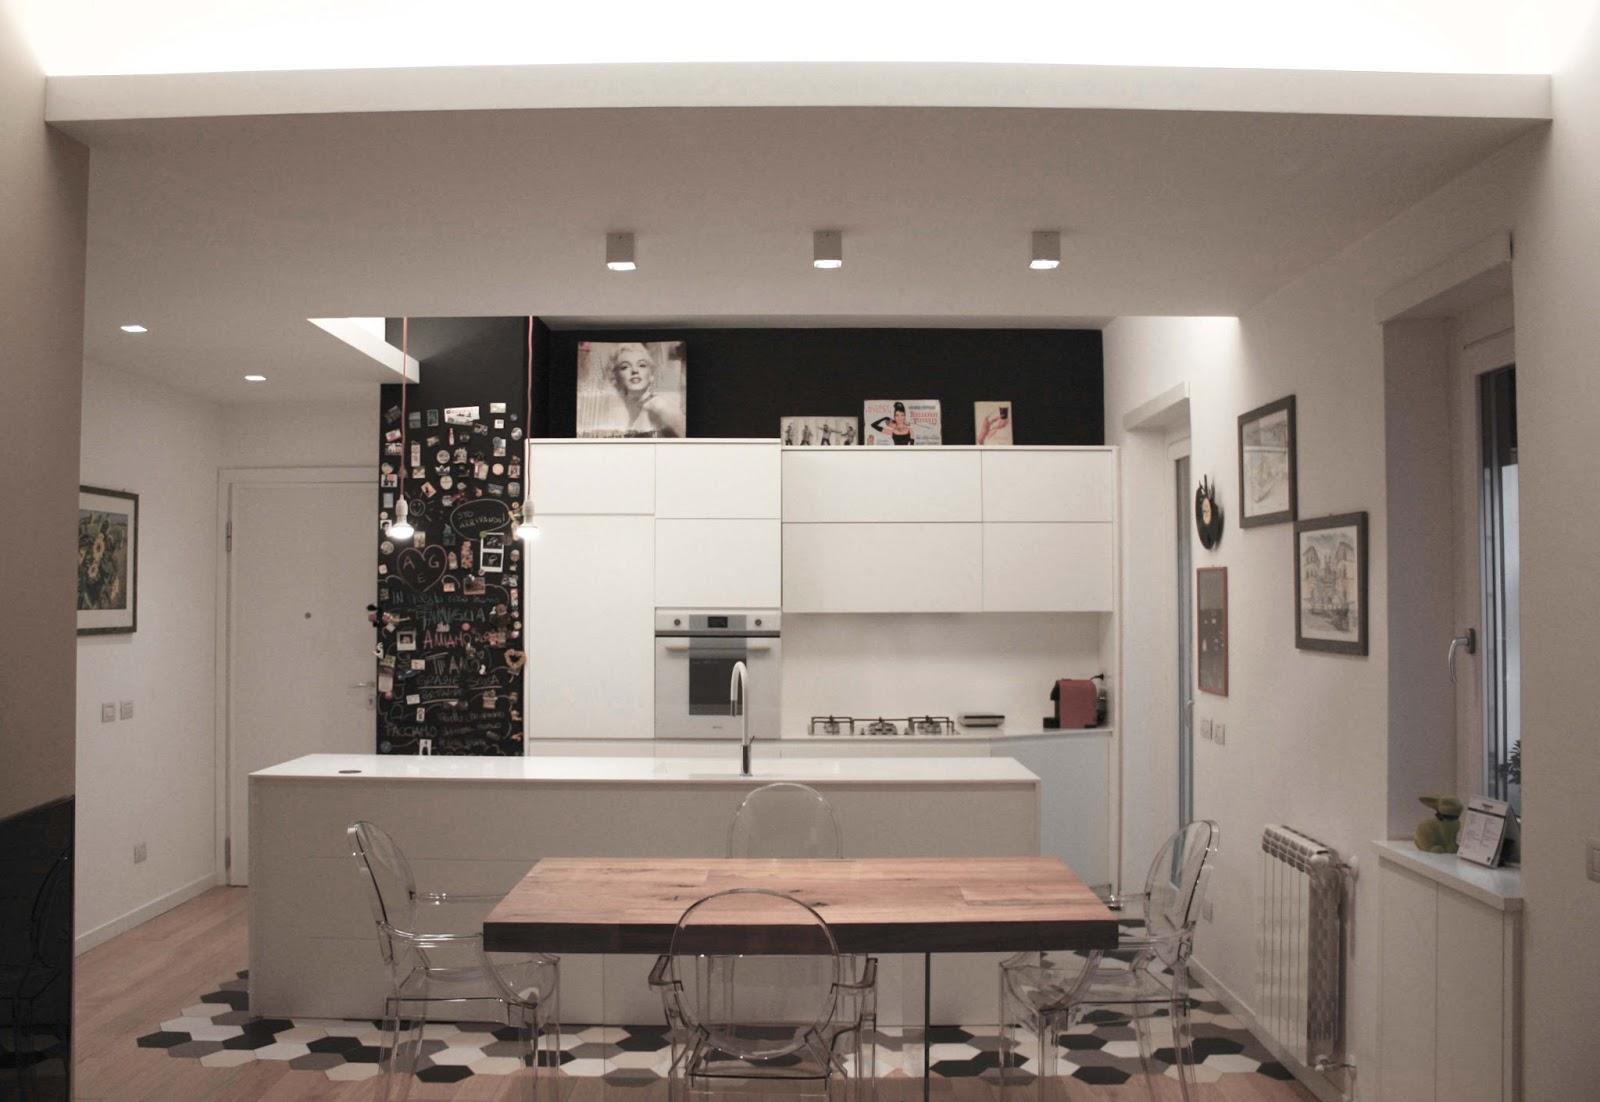 Illuminazione a binario per cucina illuminazione led casa